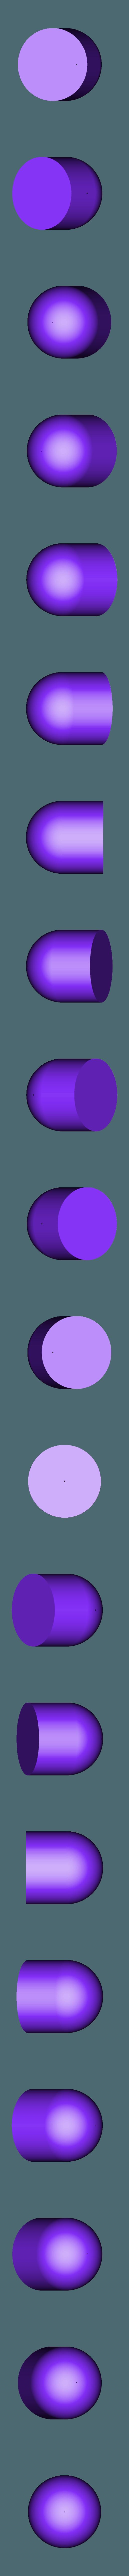 Object 3.obj Download free OBJ file Walking pumpkin • 3D printer model, AshDe